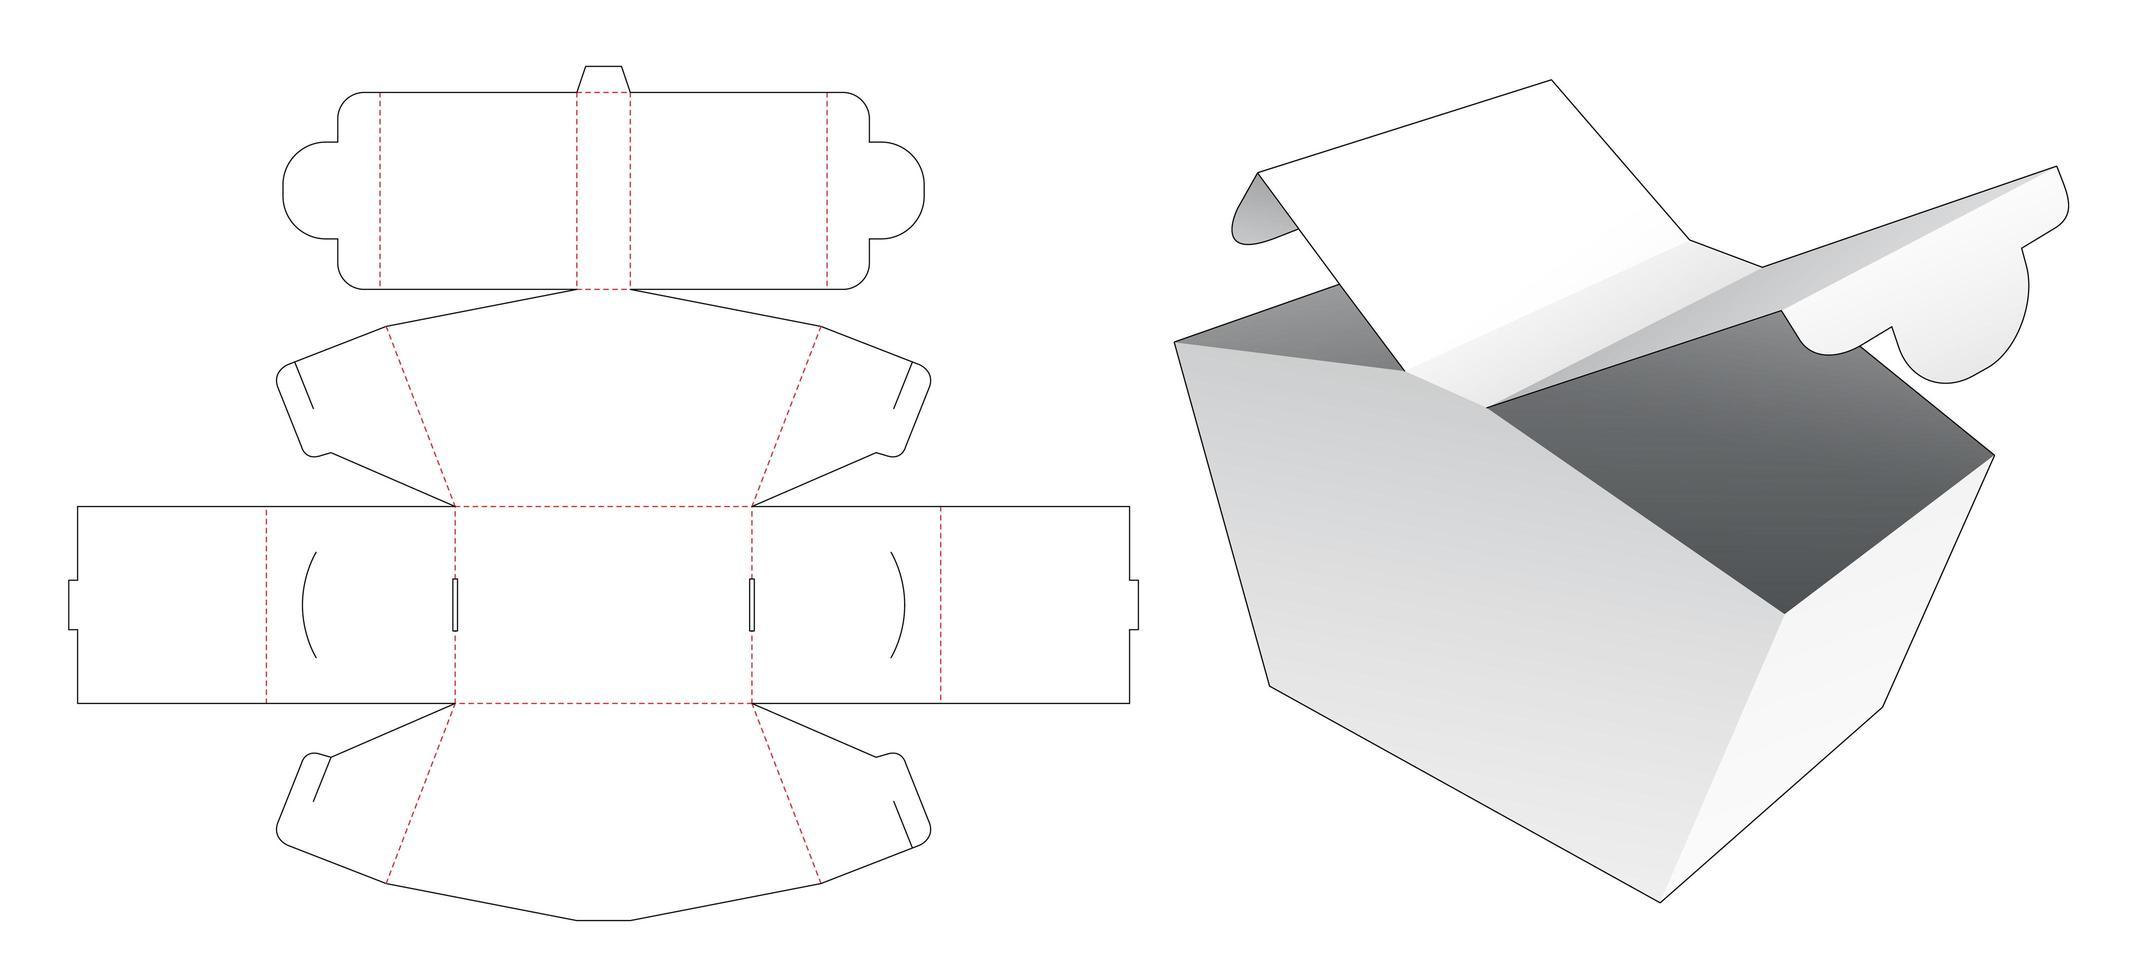 Scatola di imballaggio a 2 punti di apertura vettore